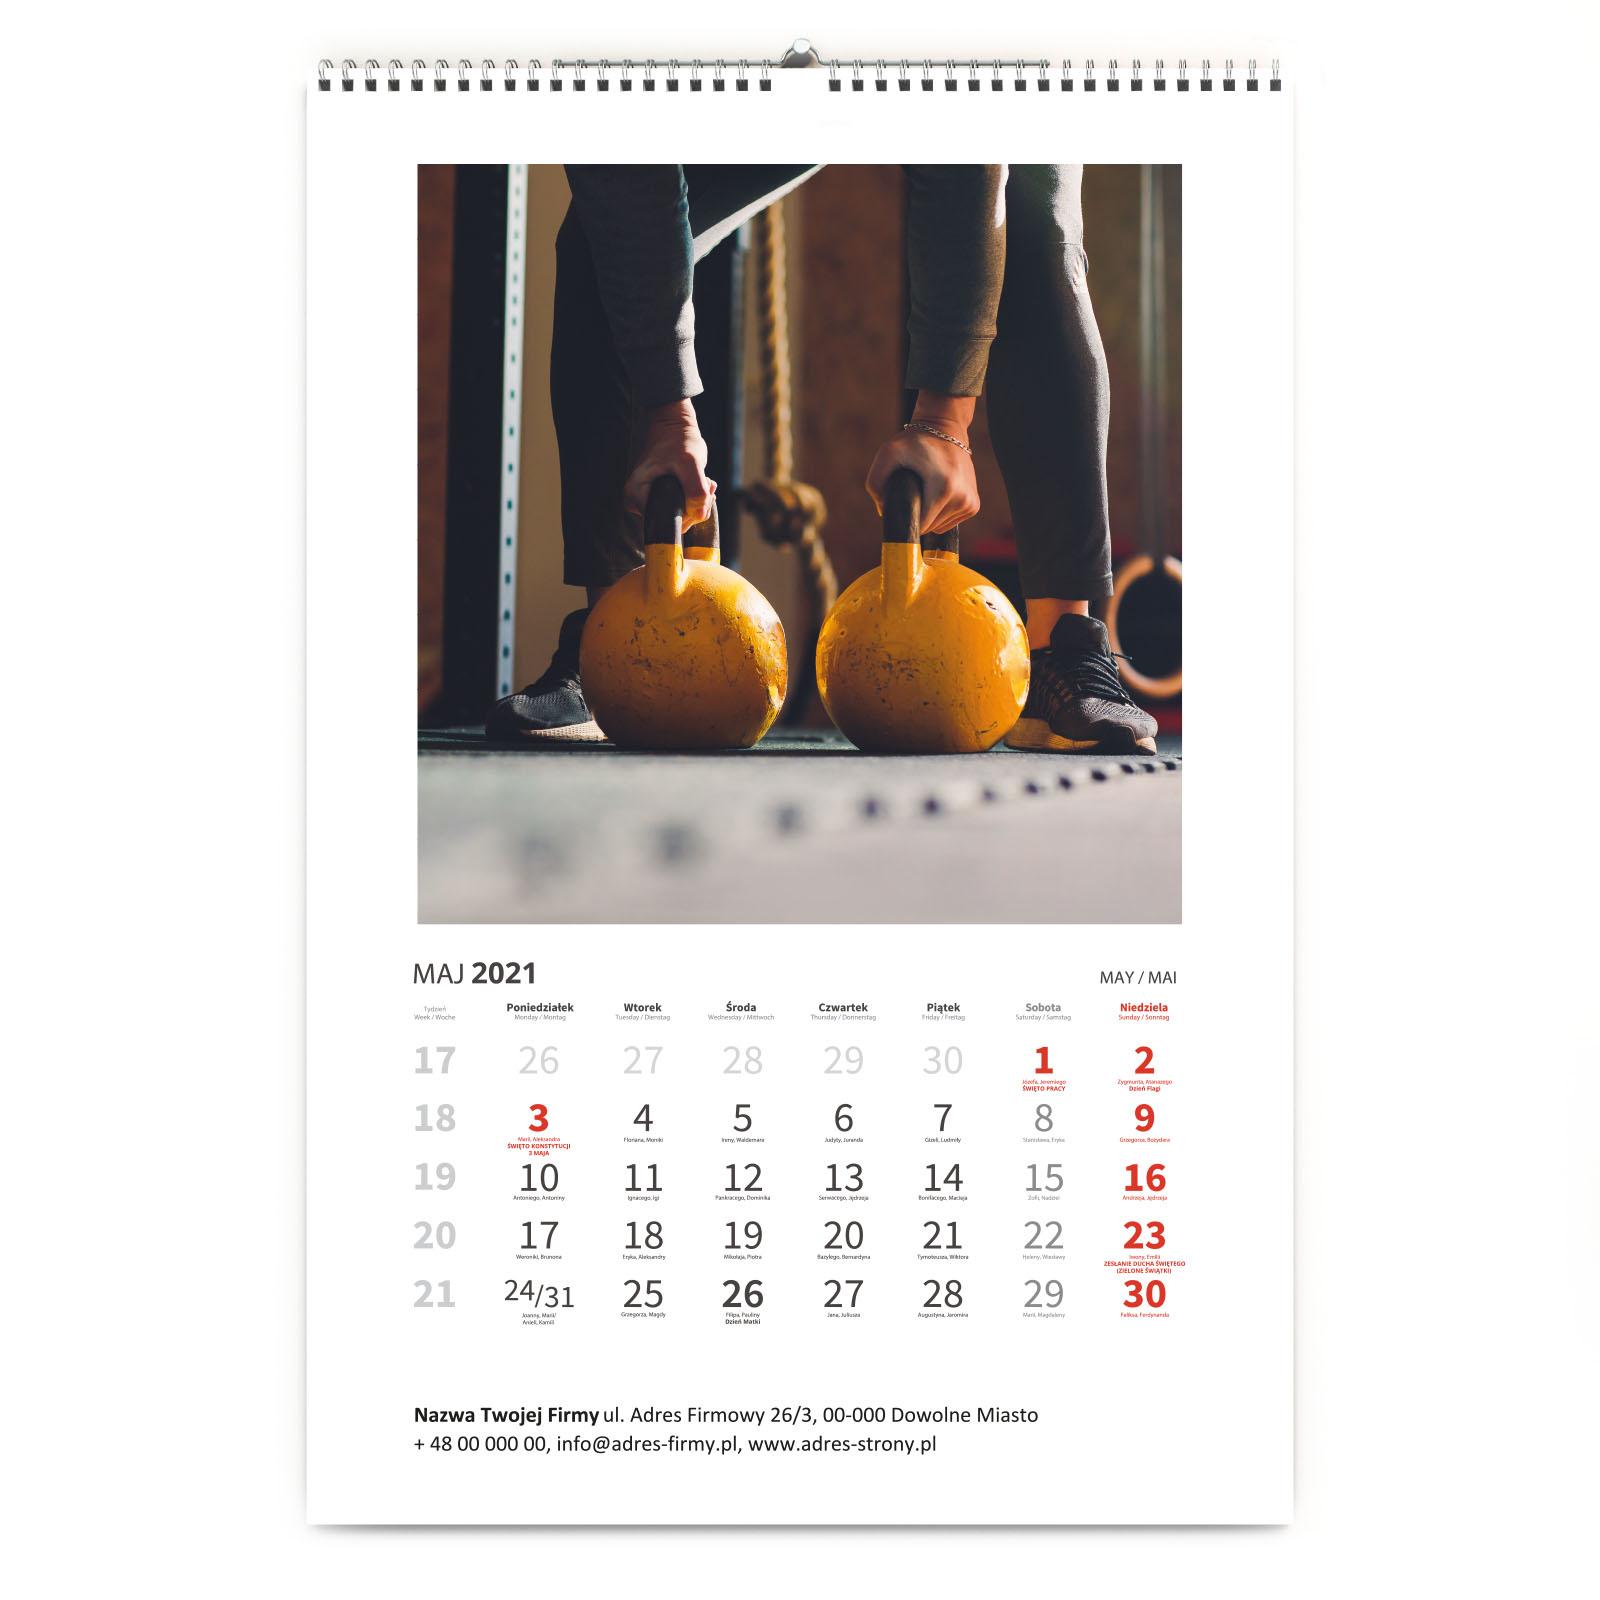 Kalendarz klasyczny imieniny, święta, nazwa firmy z Twoimi zdjęciami